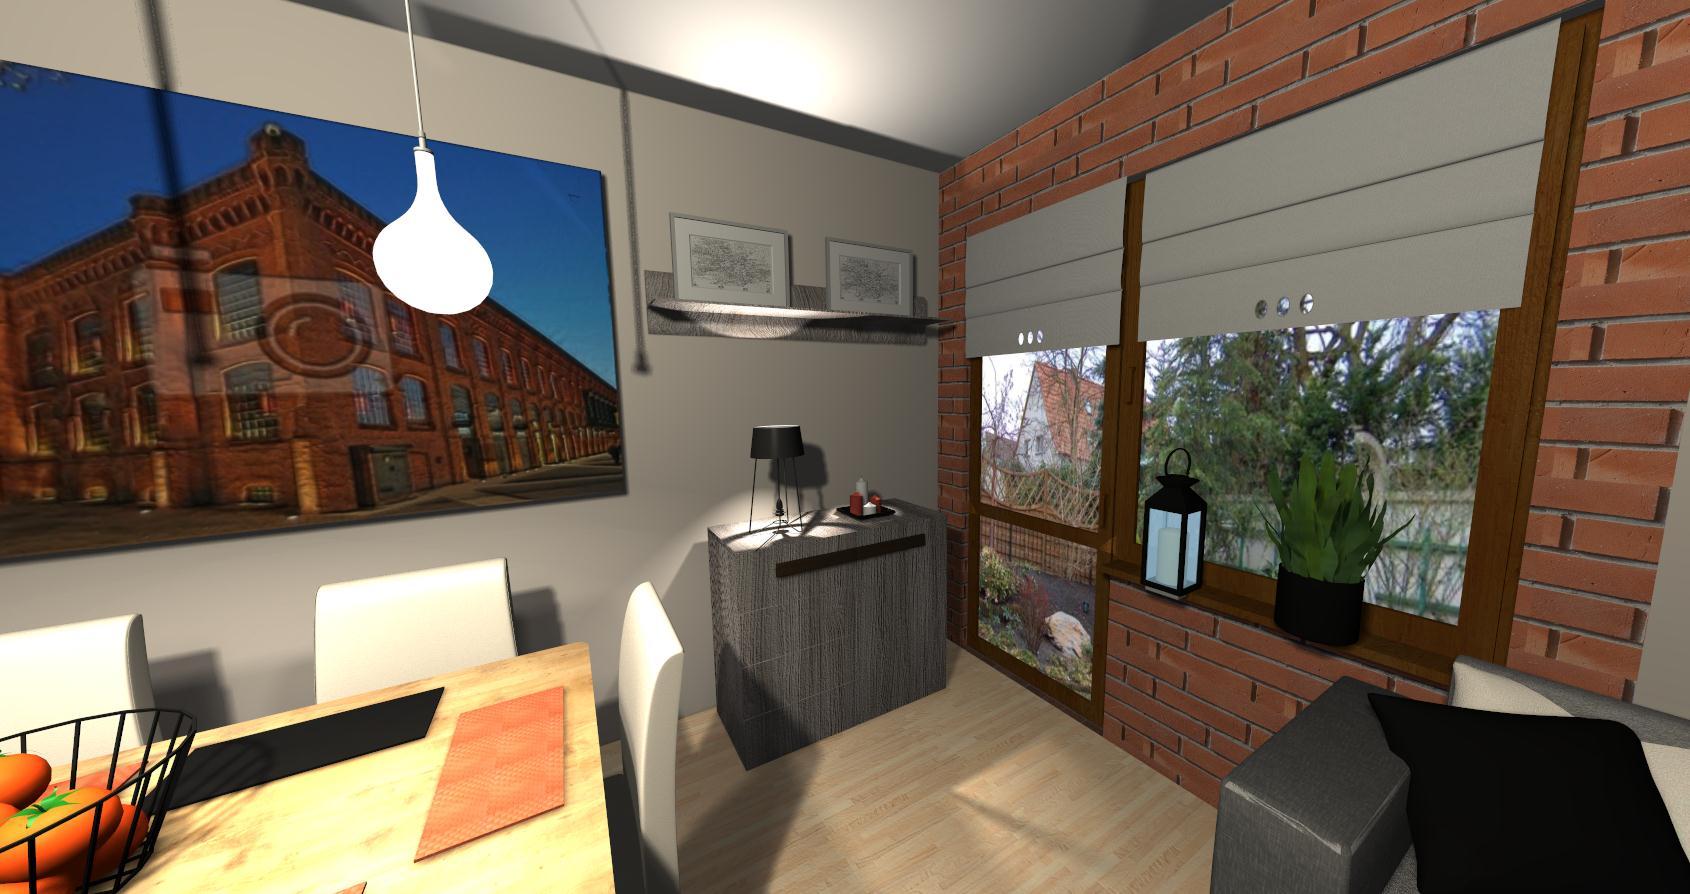 Salon Grocika 13 - Salon w stylu industrialnym